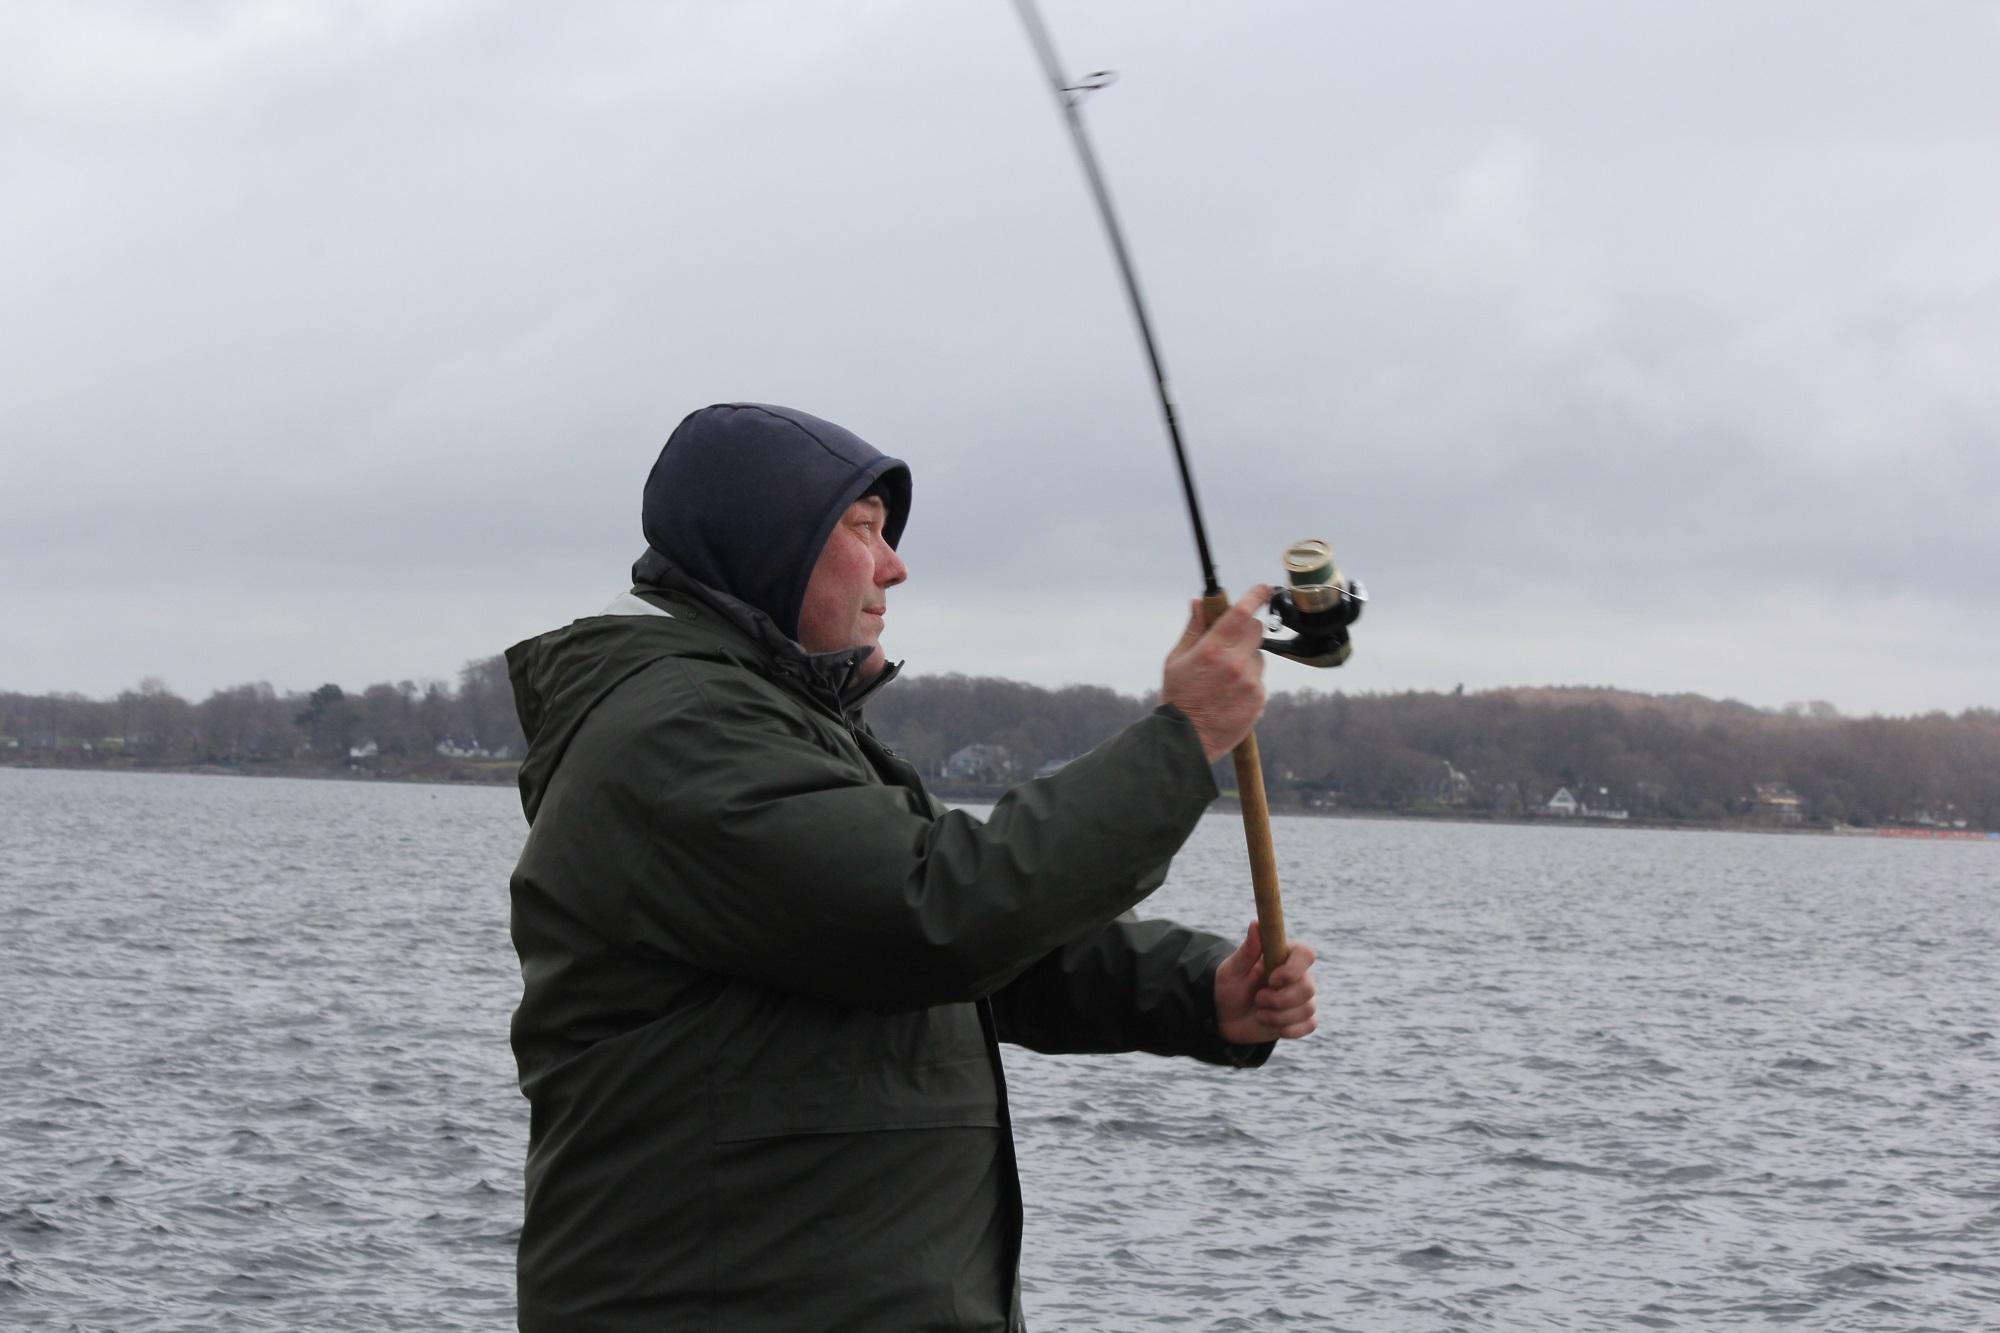 Boardie @Jan_Cux bei seinem ersten Wurf auf Hering am Tiessenkai. Sind die Schwärme in der Nähe? Gespannt hofft er auf den ersten Fischkontakt.Boardie @Jan_Cux bei seinem ersten Wurf auf Hering am Tiessenkai. Sind die Schwärme in der Nähe? Gespannt hofft er auf den ersten Fischkontakt.